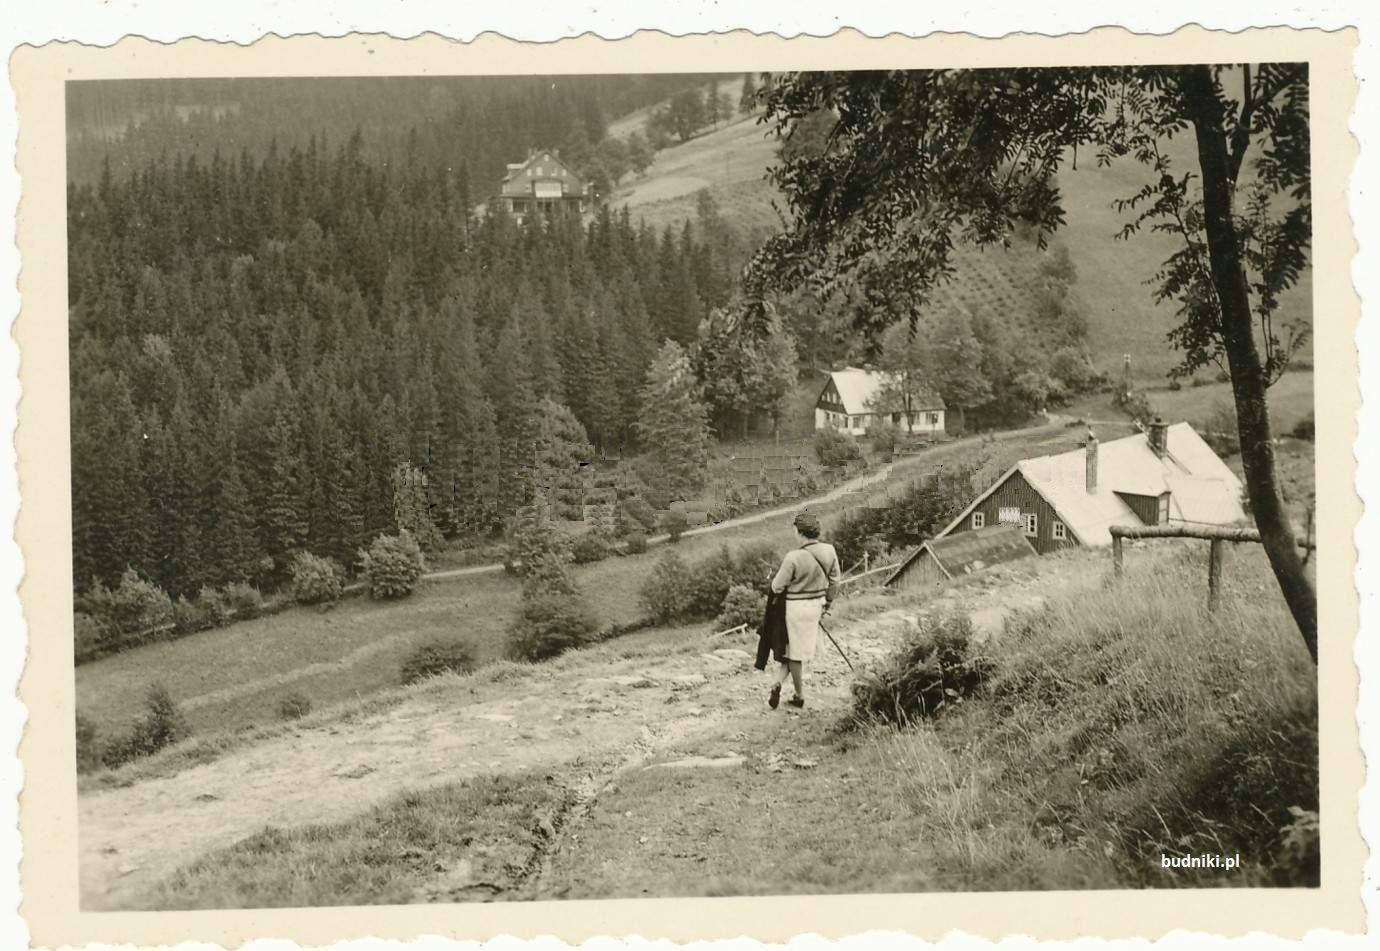 72-Budniki-turystka